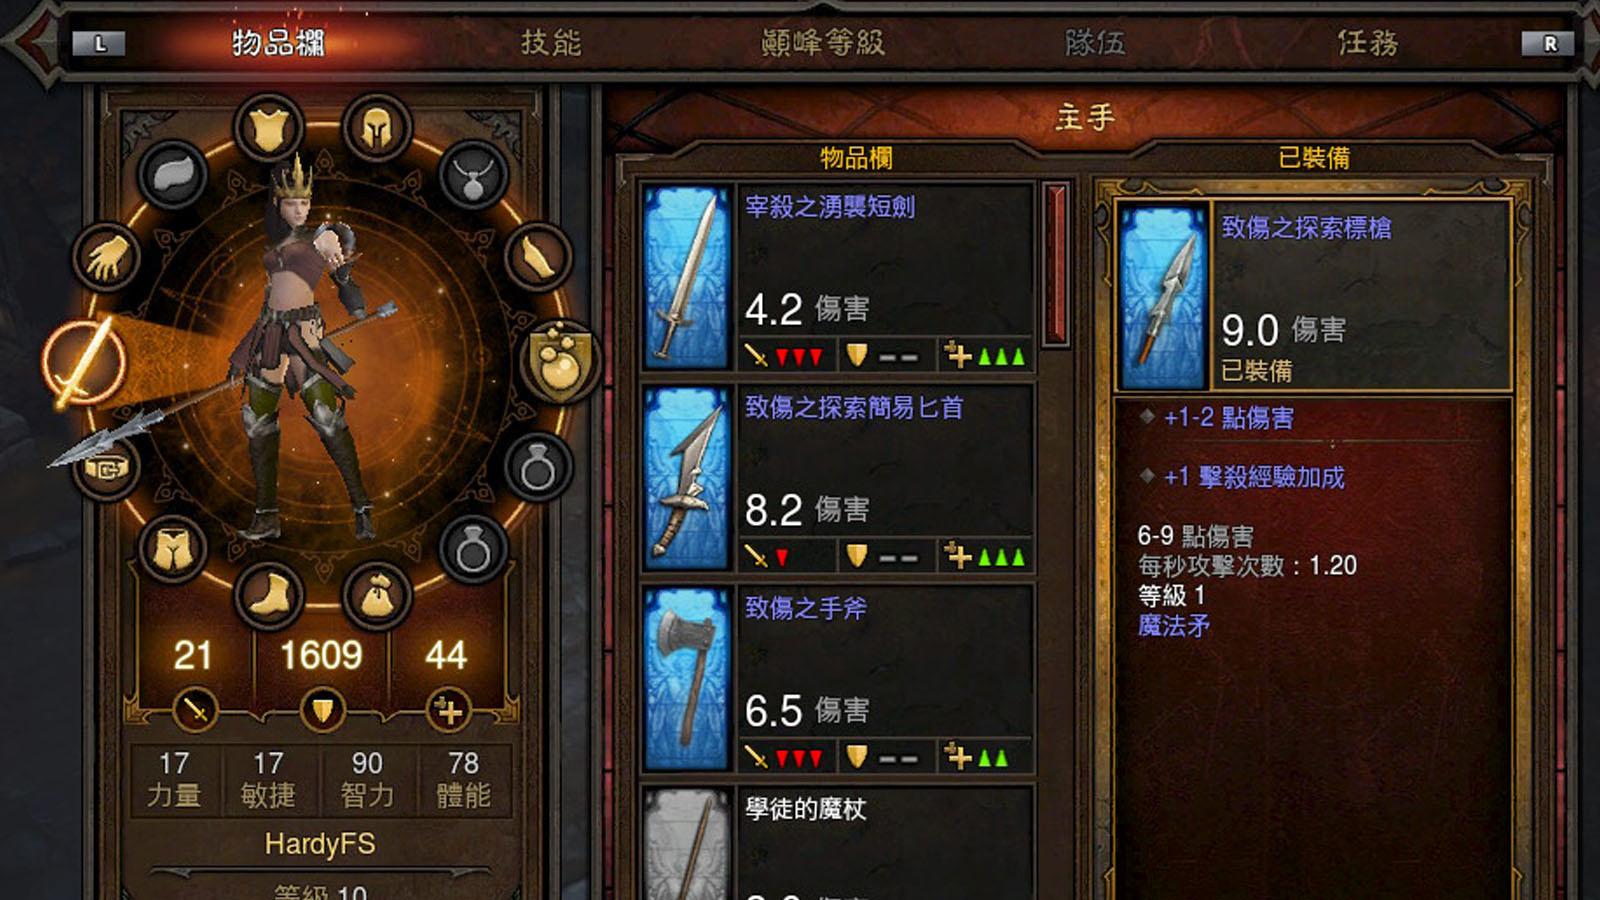 NS《暗黑破壞神 3:永恆之戰版》現已更新中文和語音包,快去更新吧!